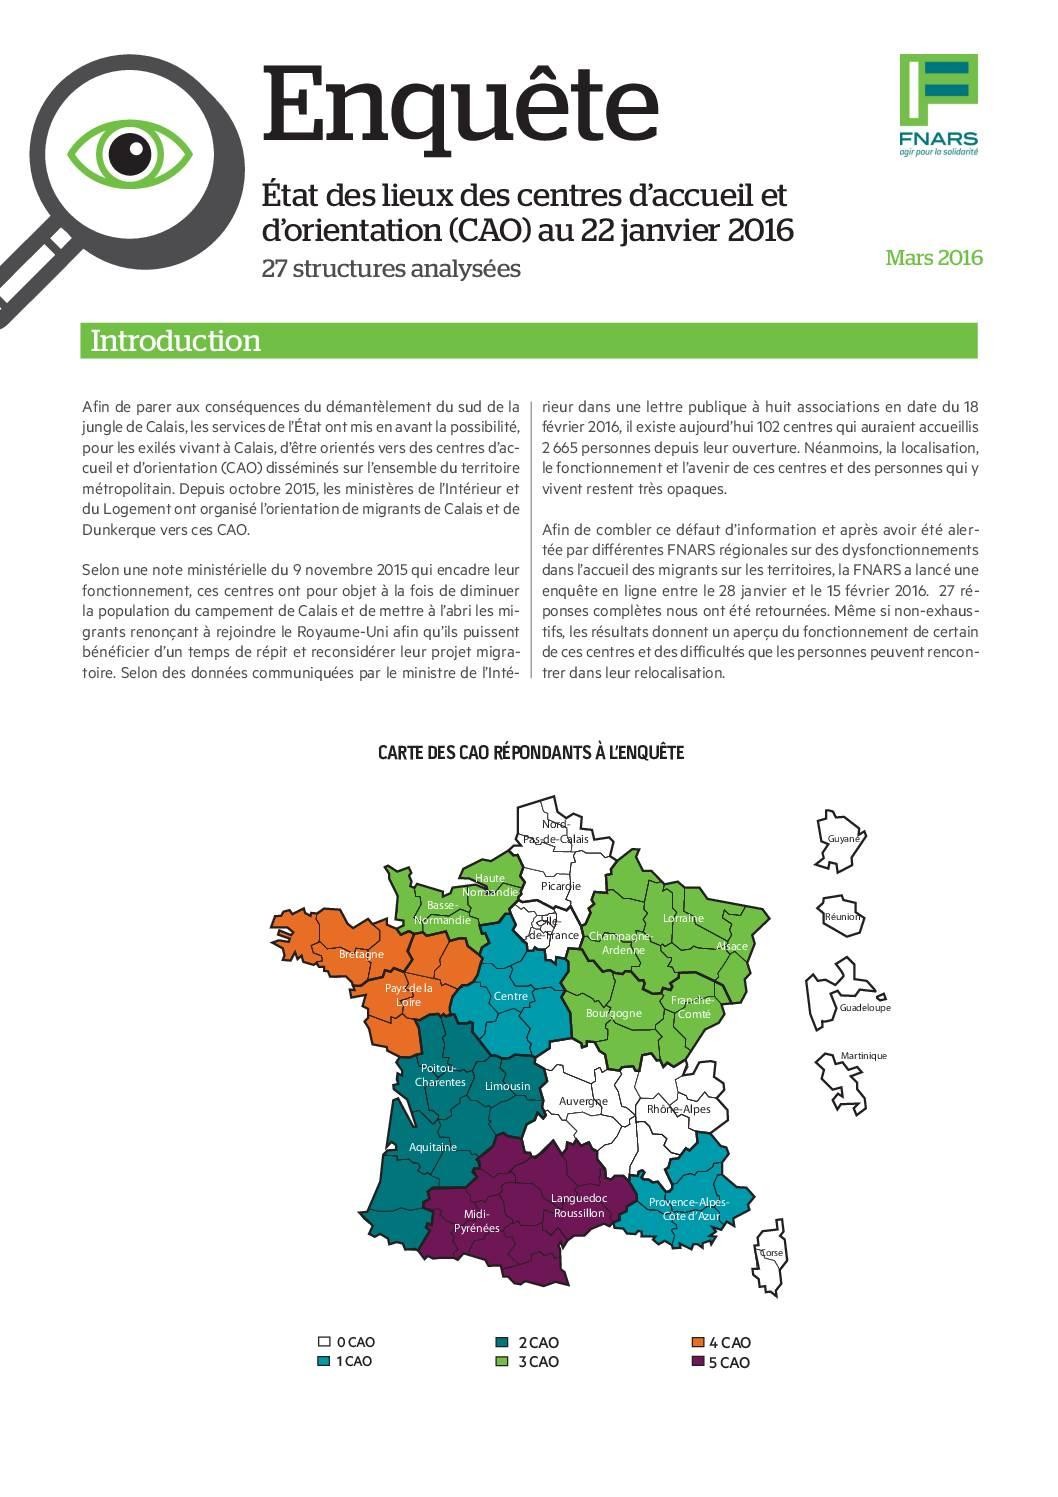 La Fédération publie une enquête sur les centres d'accueil et d'orientation (CAO) des migrants